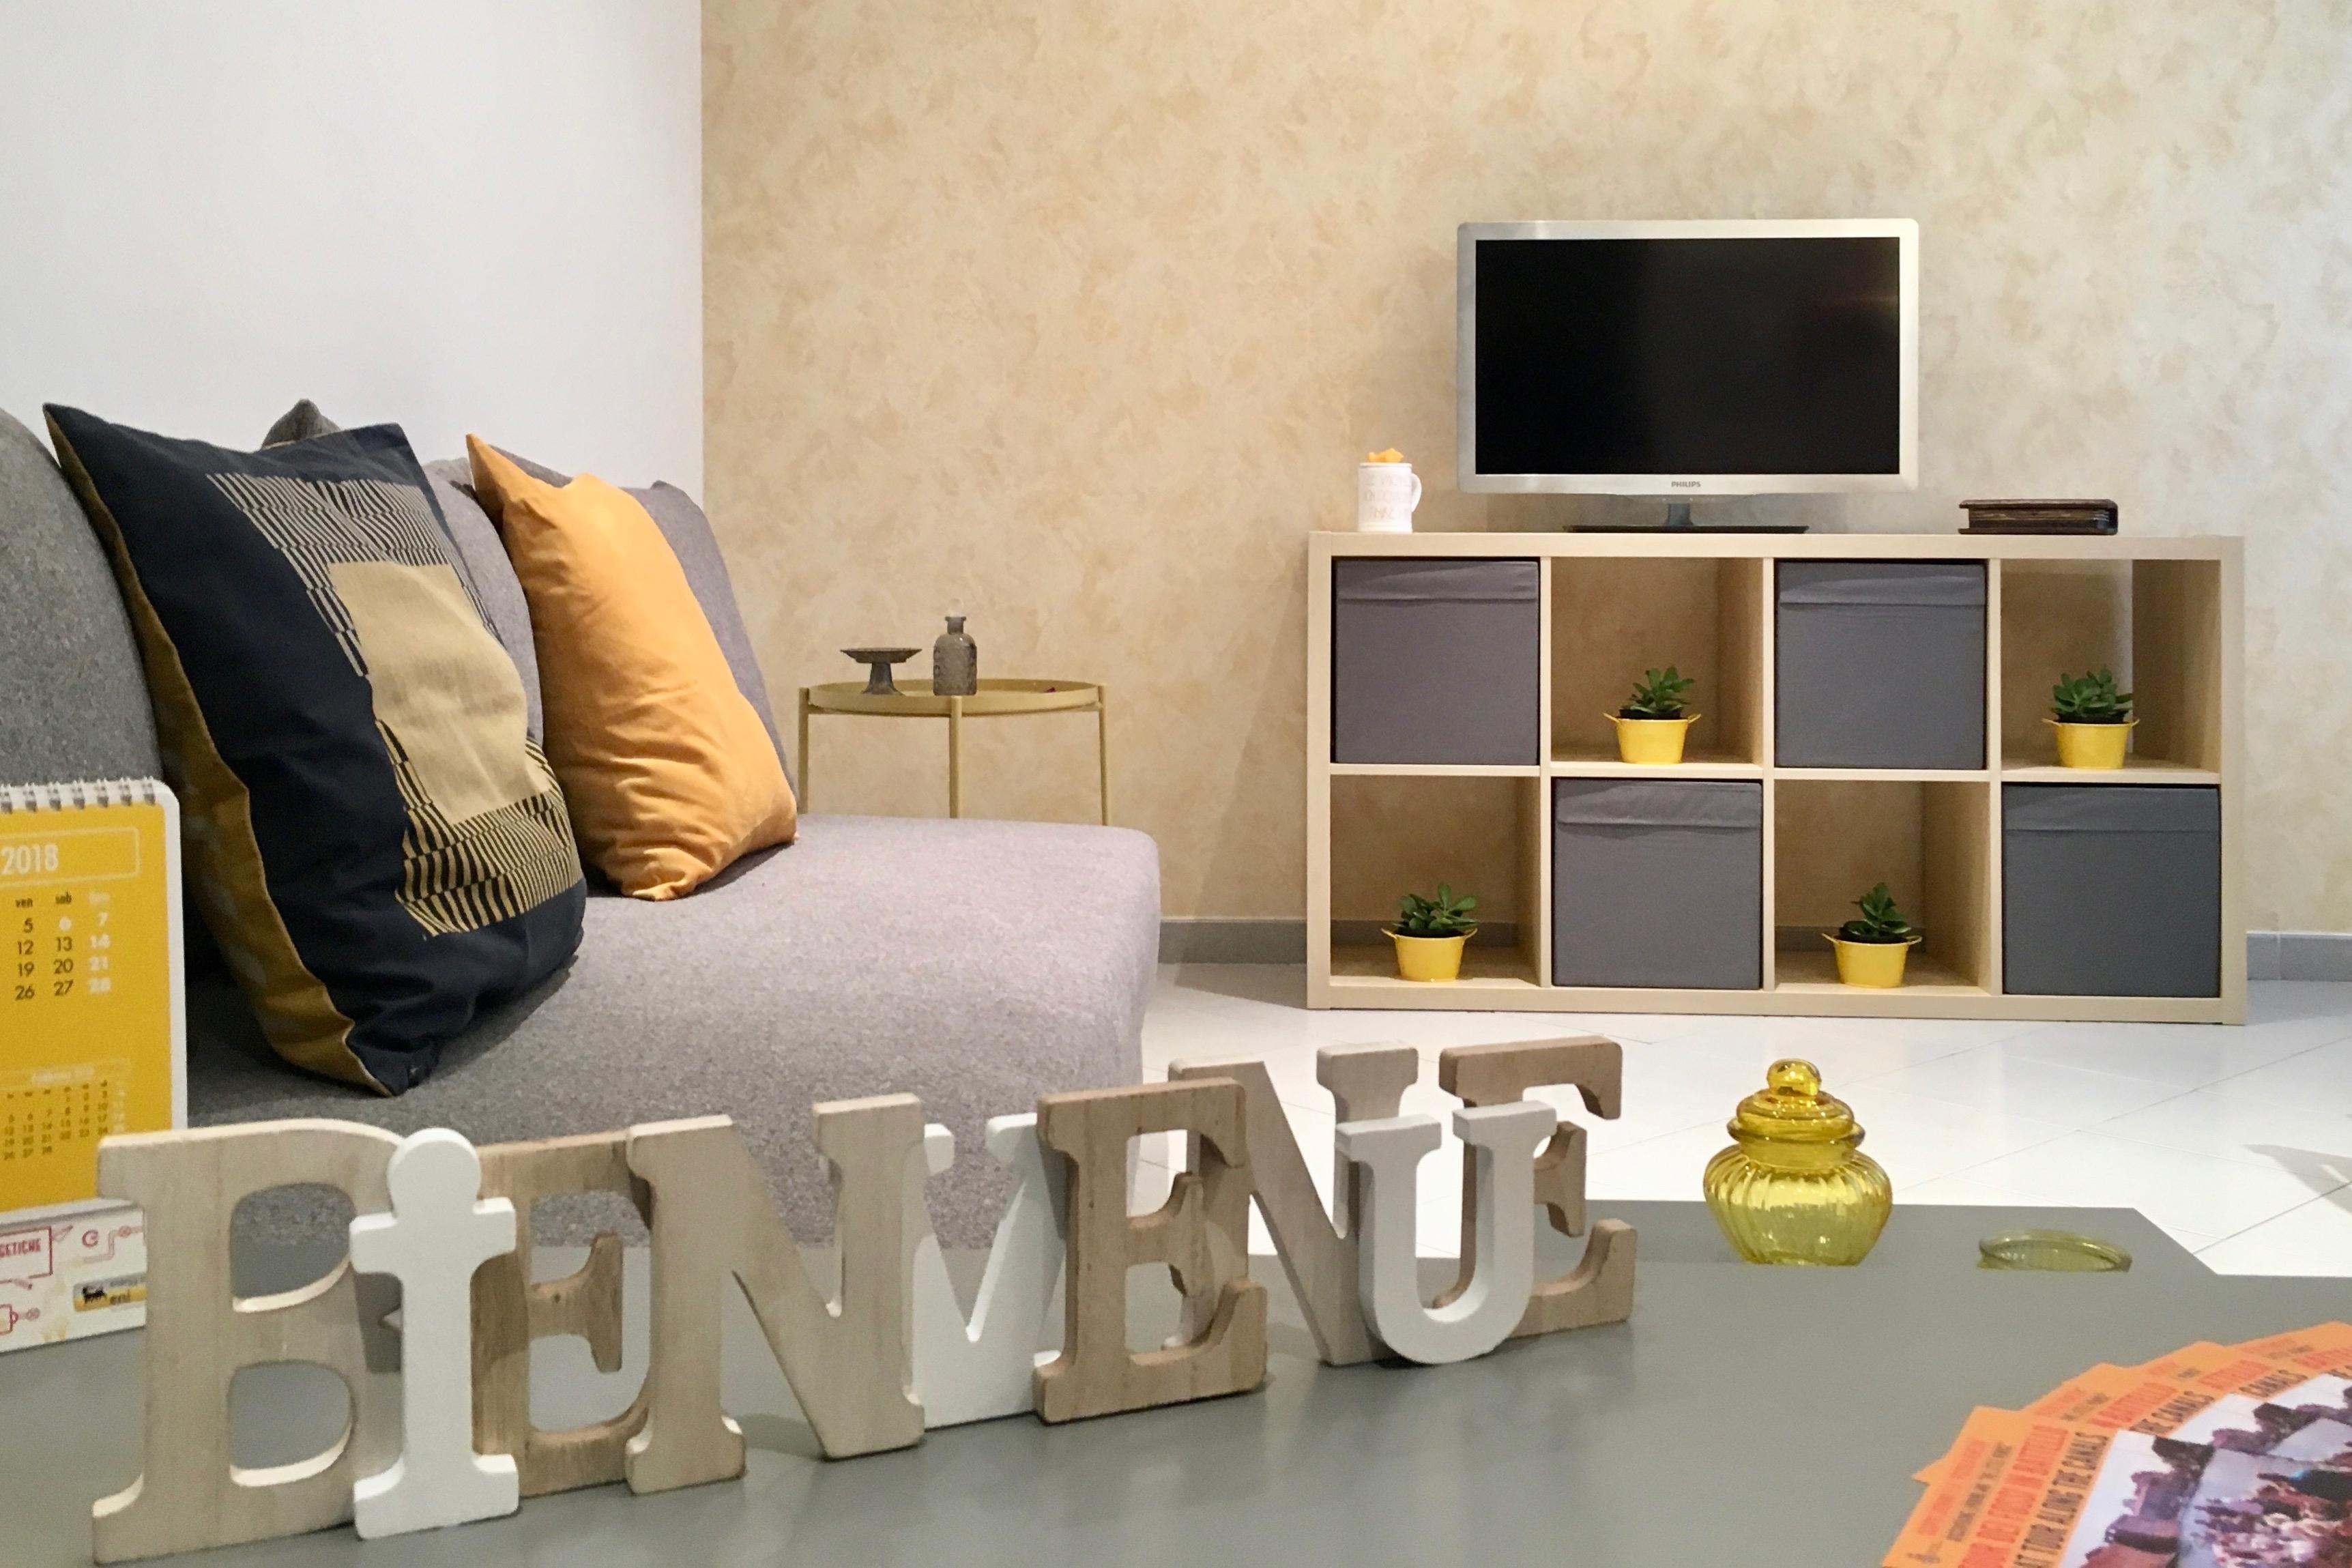 Armadio Ripostiglio Ad Angolo soggiorno europa - free parking - apartments for rent in